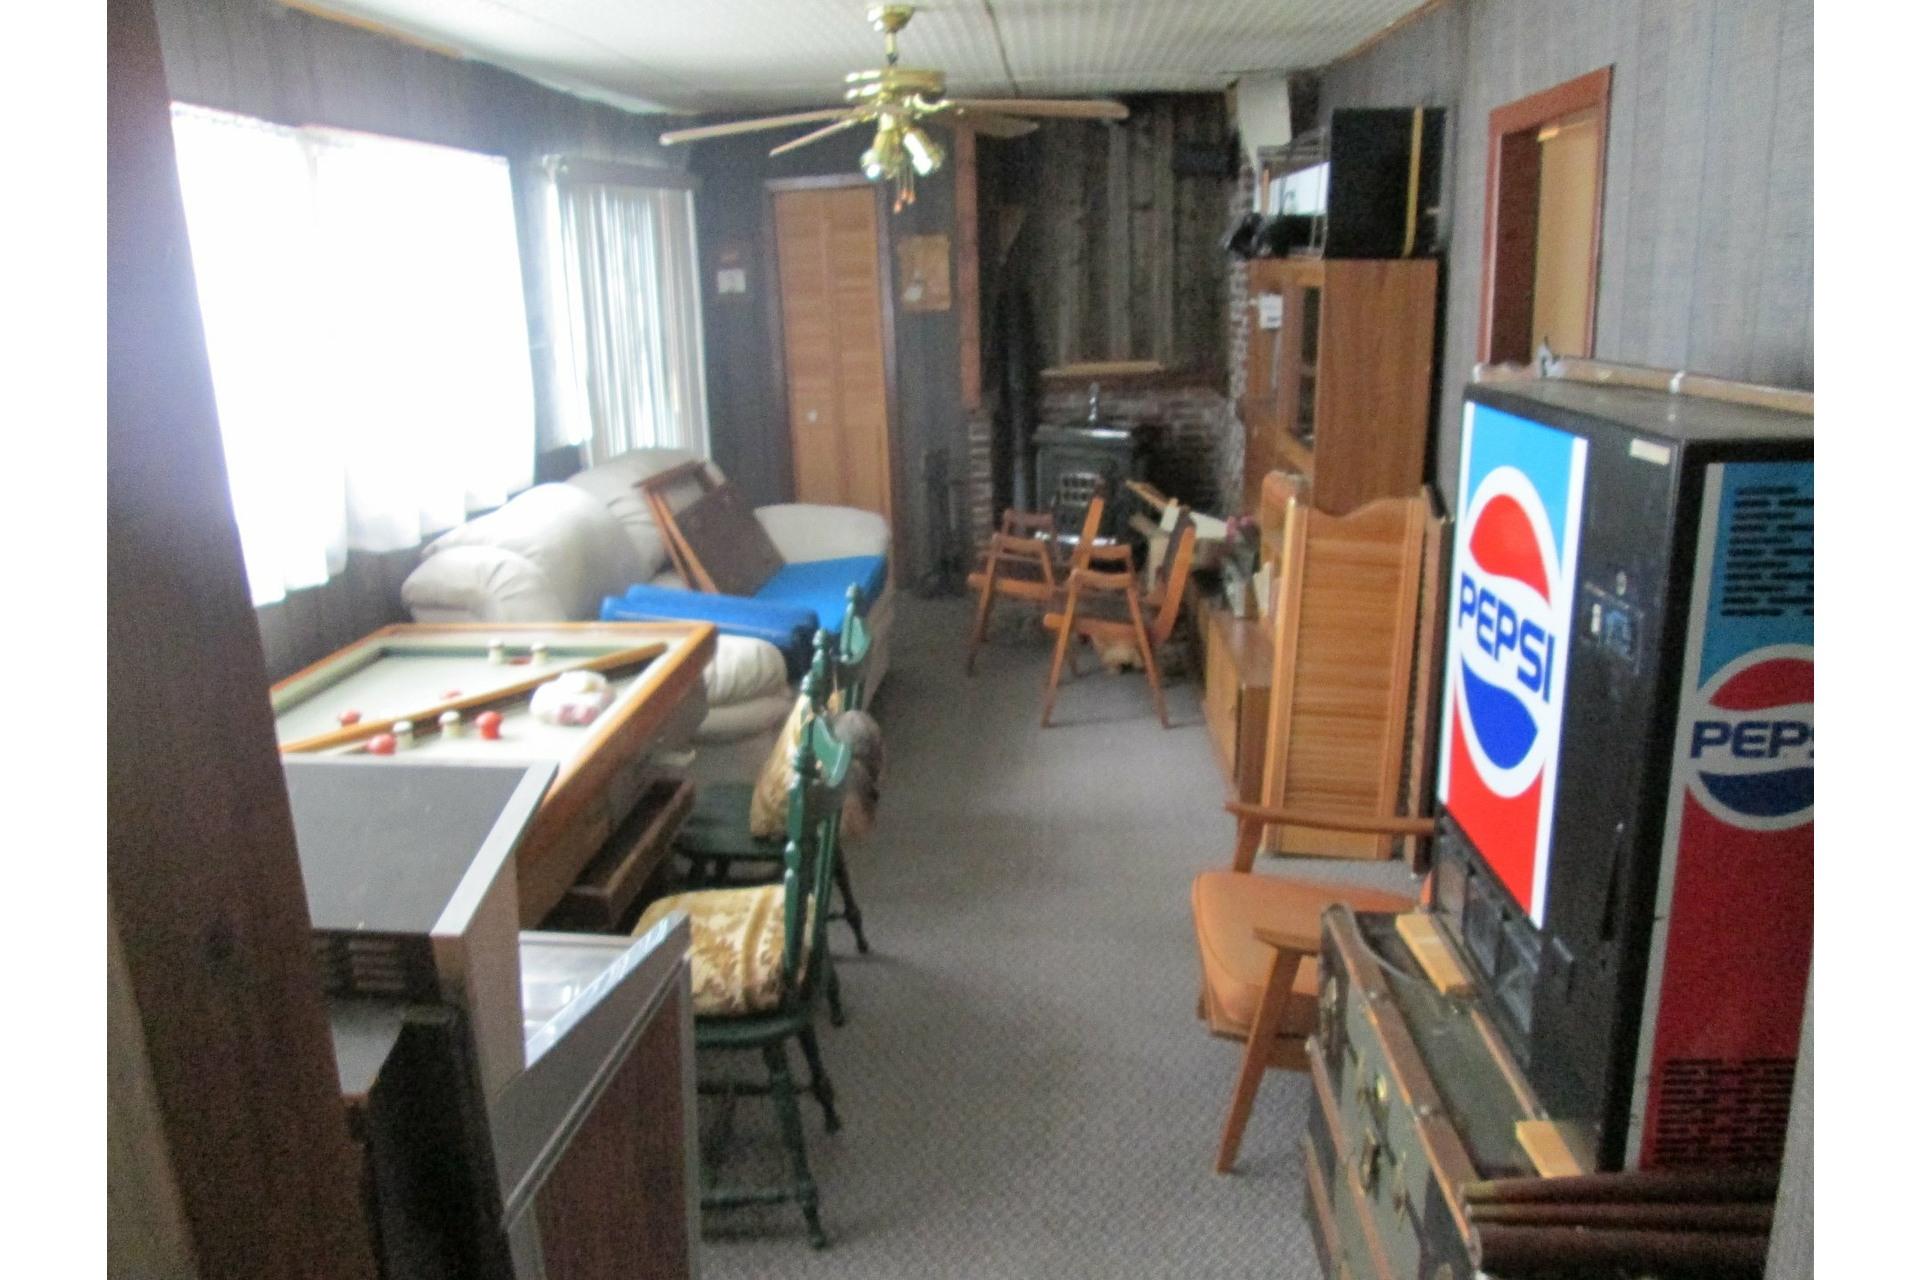 image 7 - Maison À vendre Saint-Adolphe-d'Howard - 6 pièces